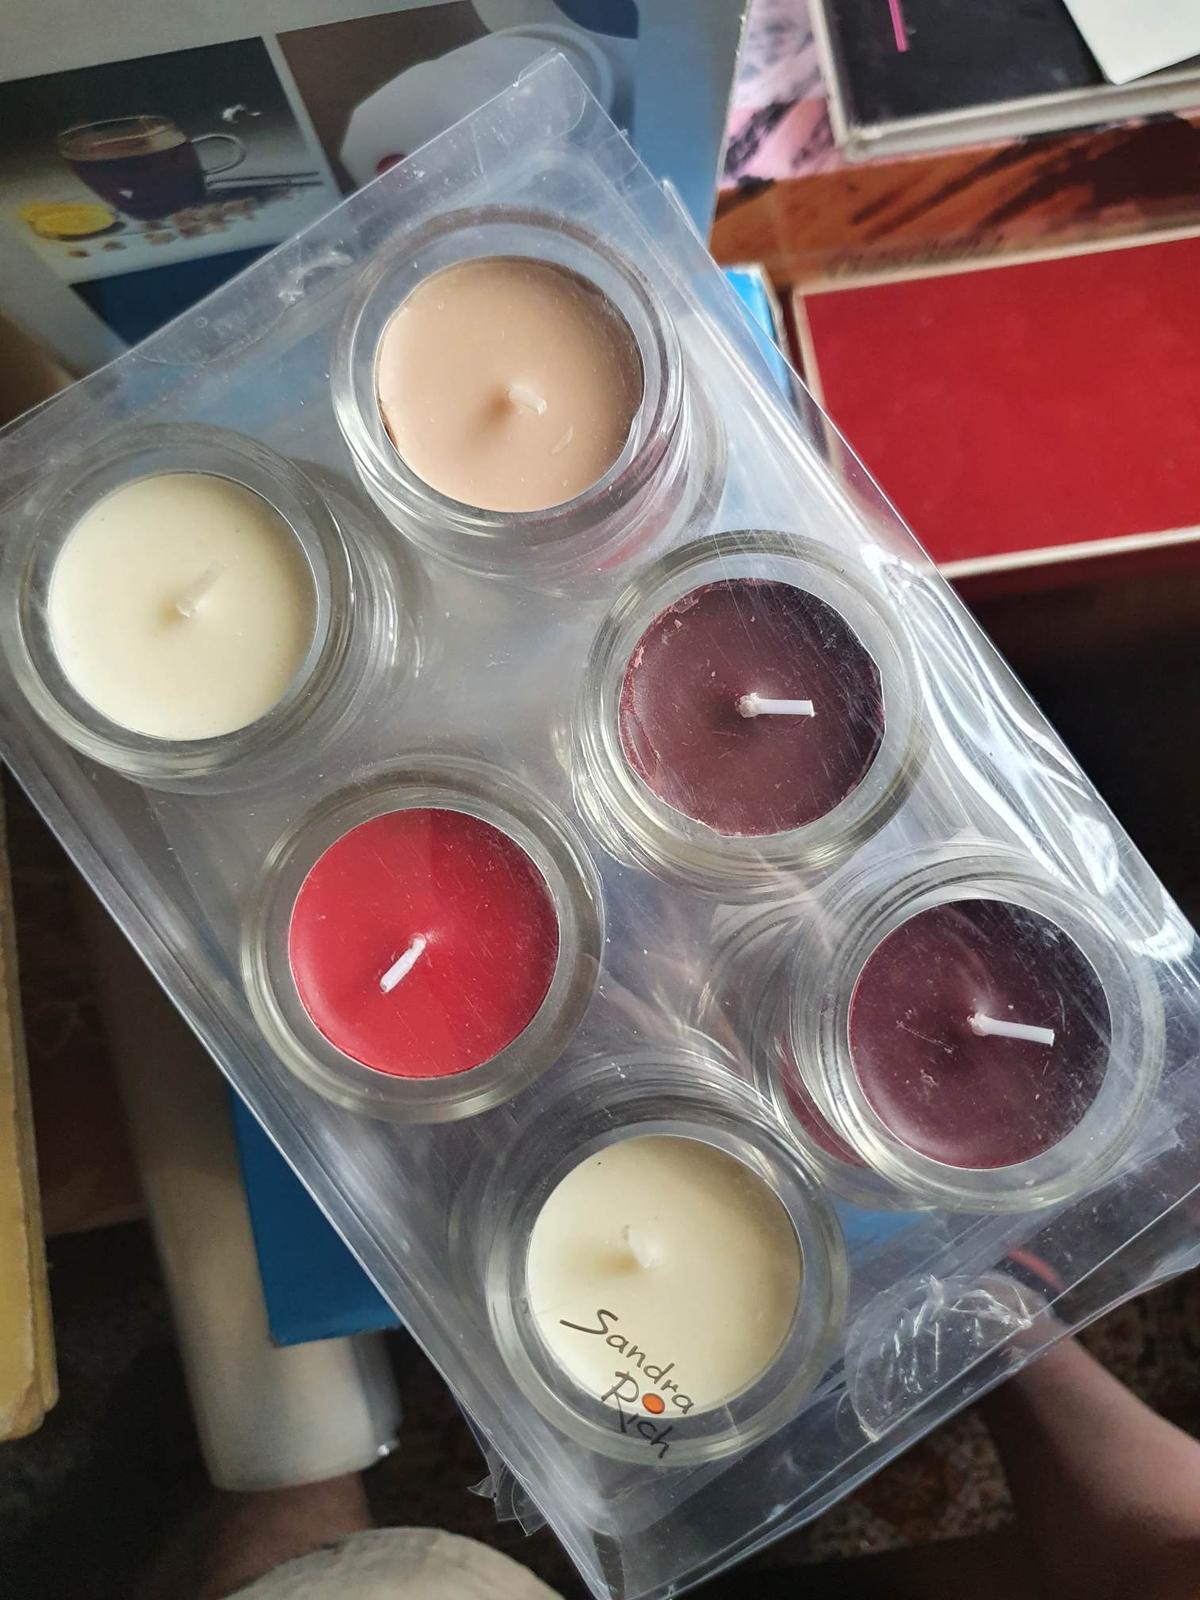 Skleněné svícny na čajové svíčky 36 ks - Obrázek č. 1